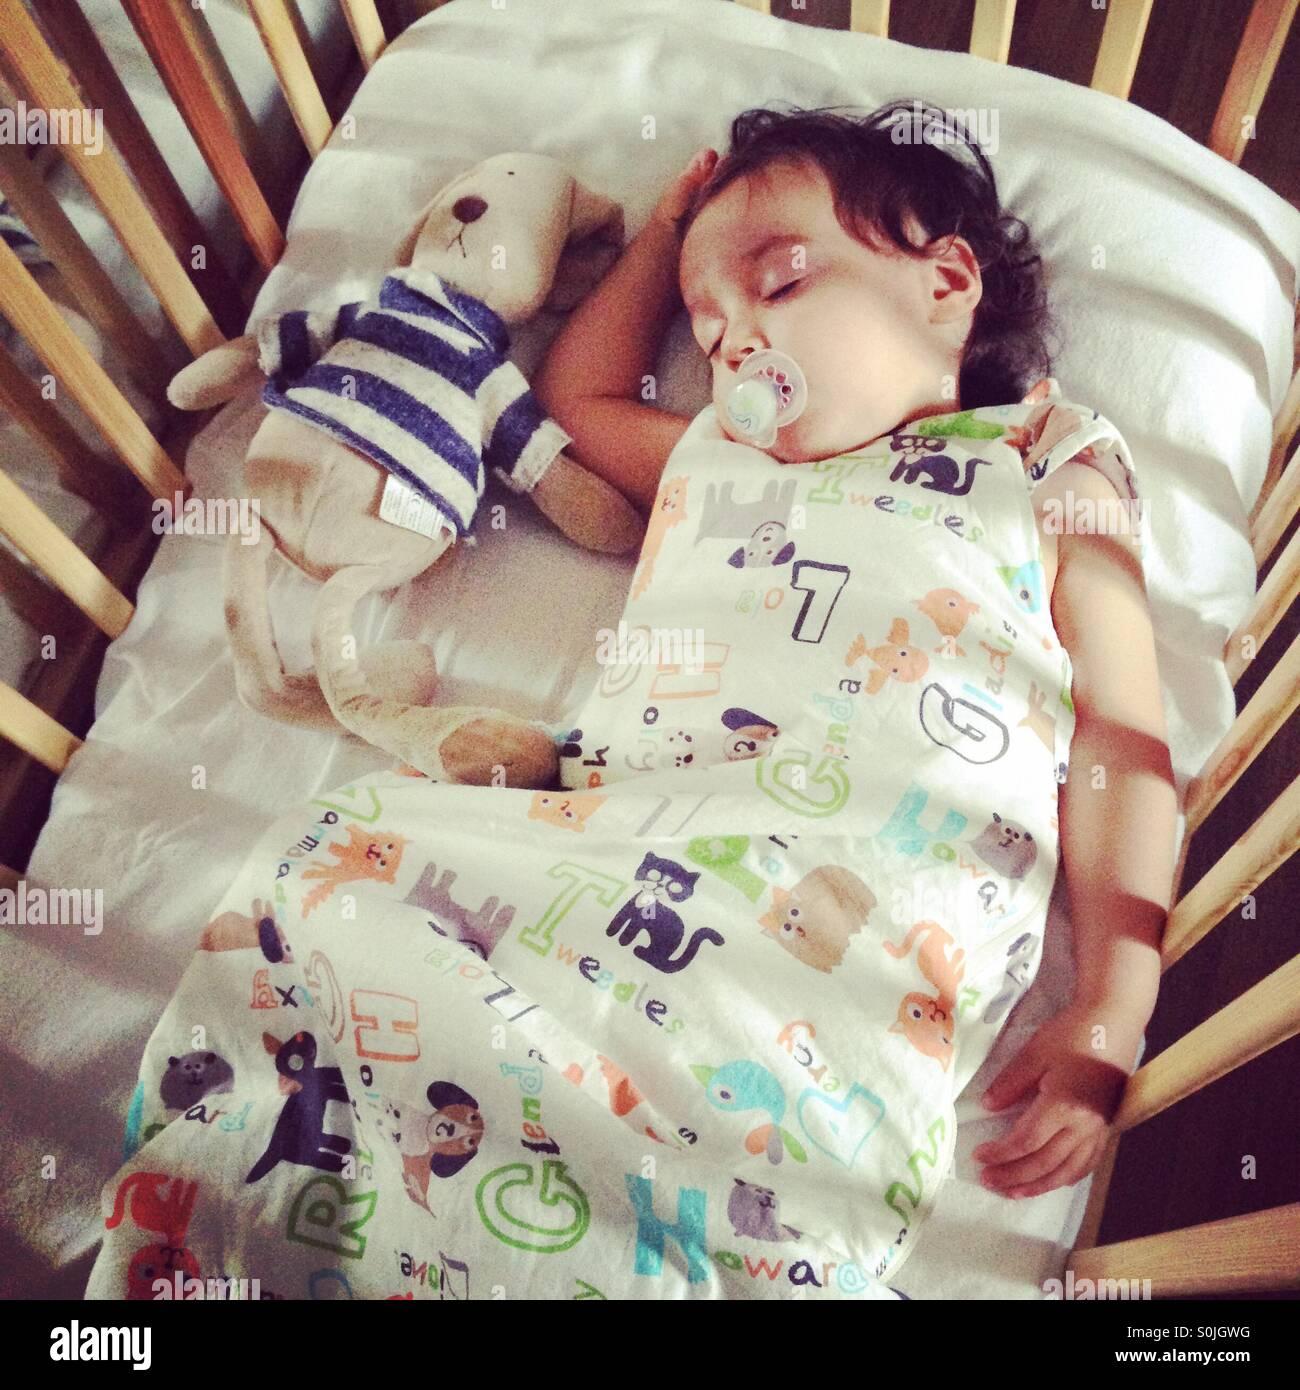 Kleinkind schlafen im Kinderbett mit Kuscheltier Stockbild